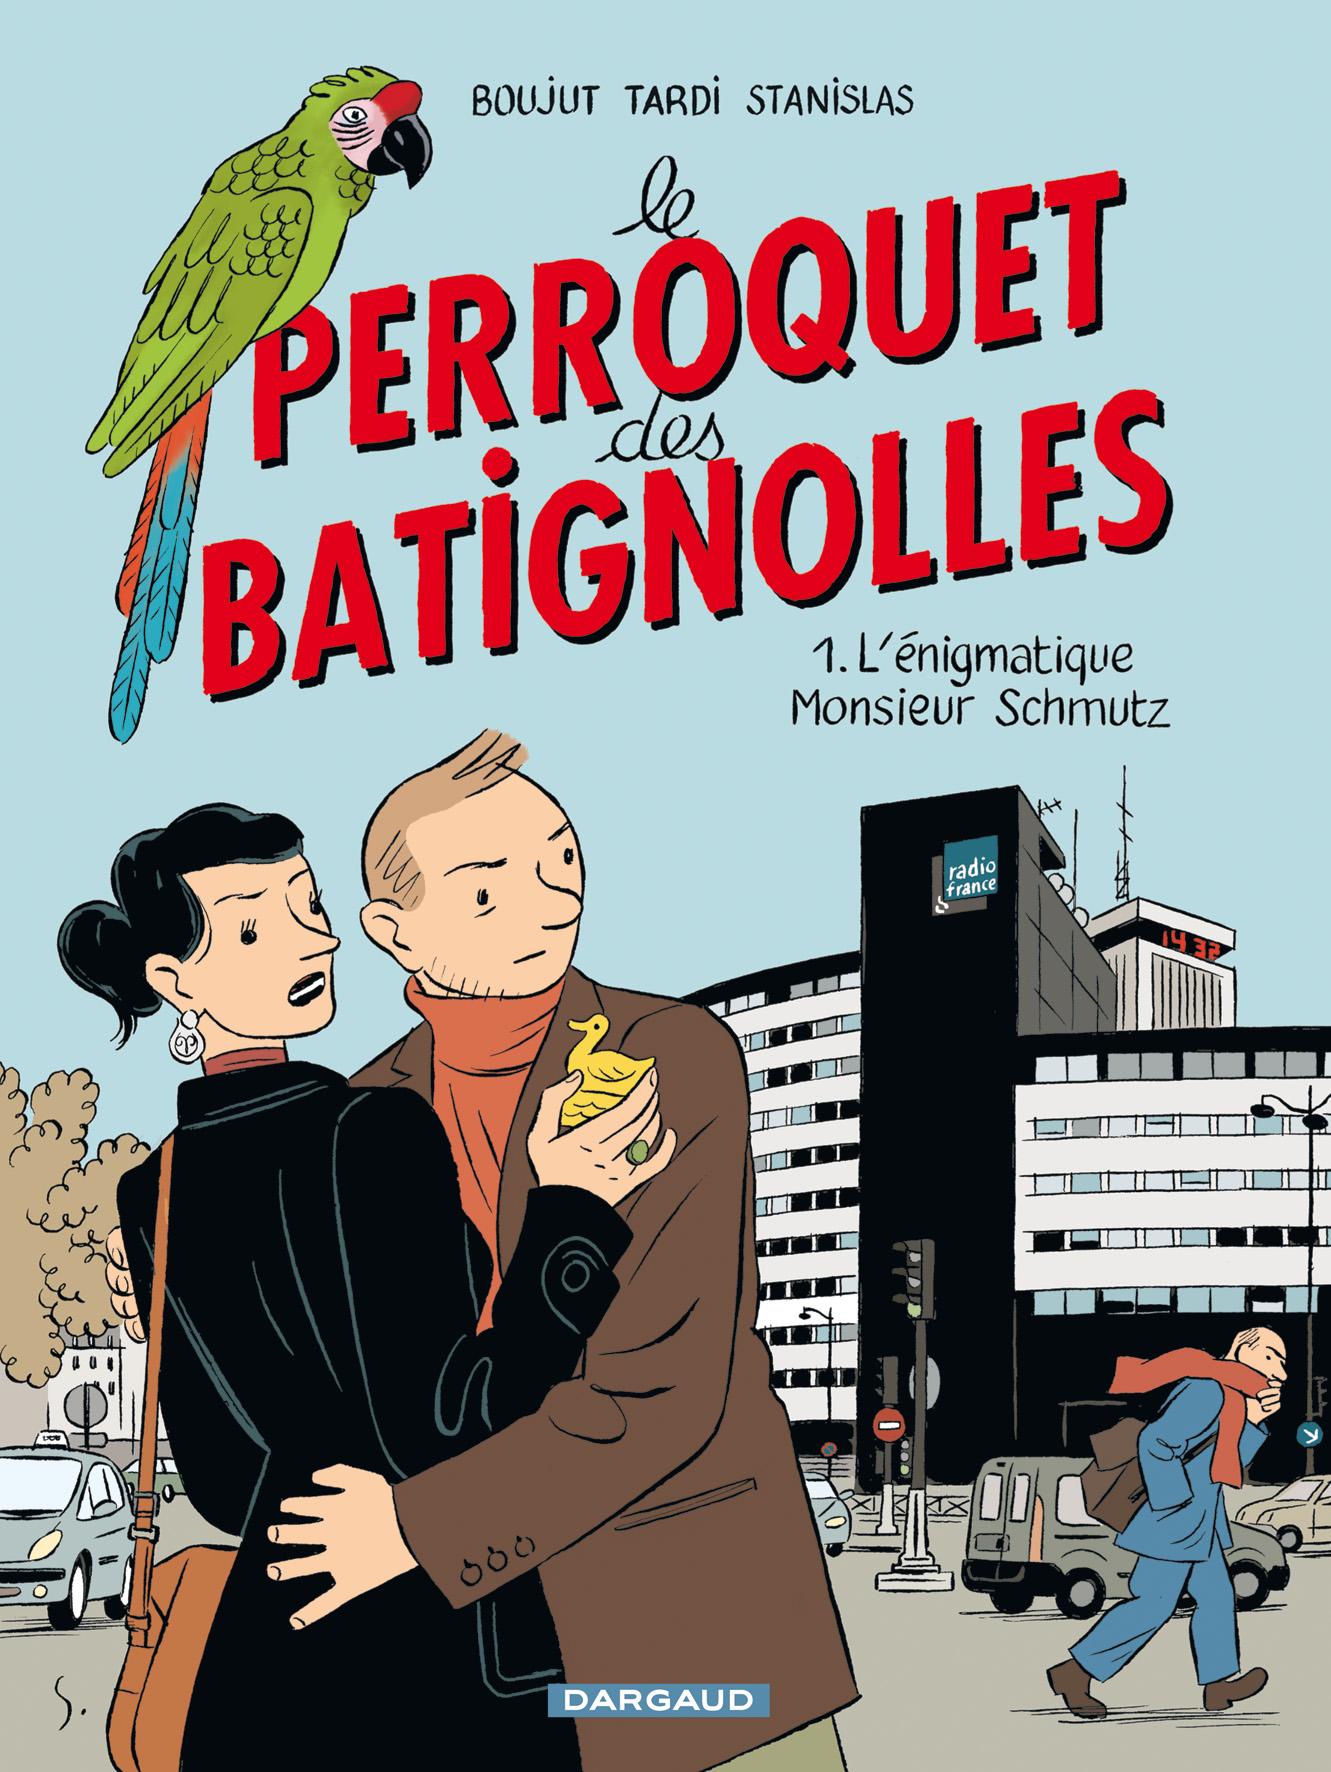 Le perroquet des Batignoles 1 - L'énigmatique Monsieur Schmutz